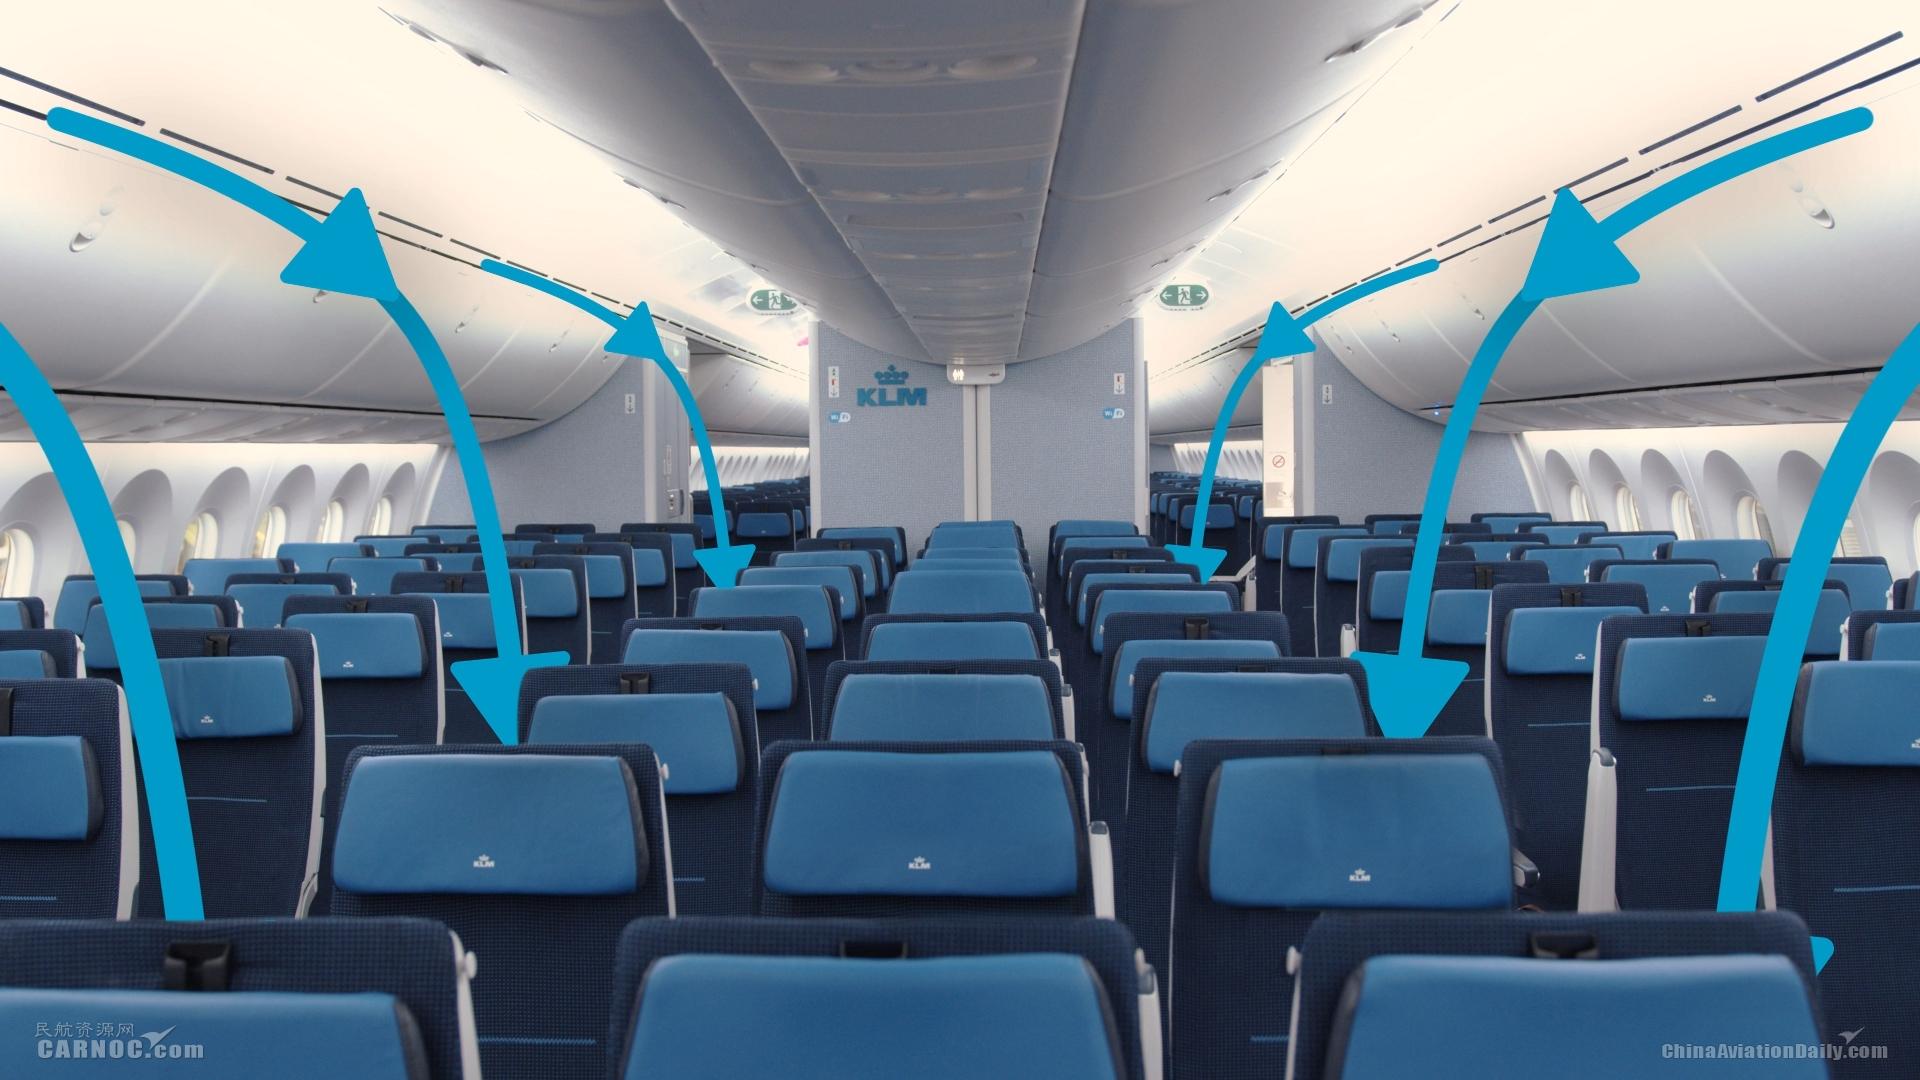 荷航机上空气更新示意图